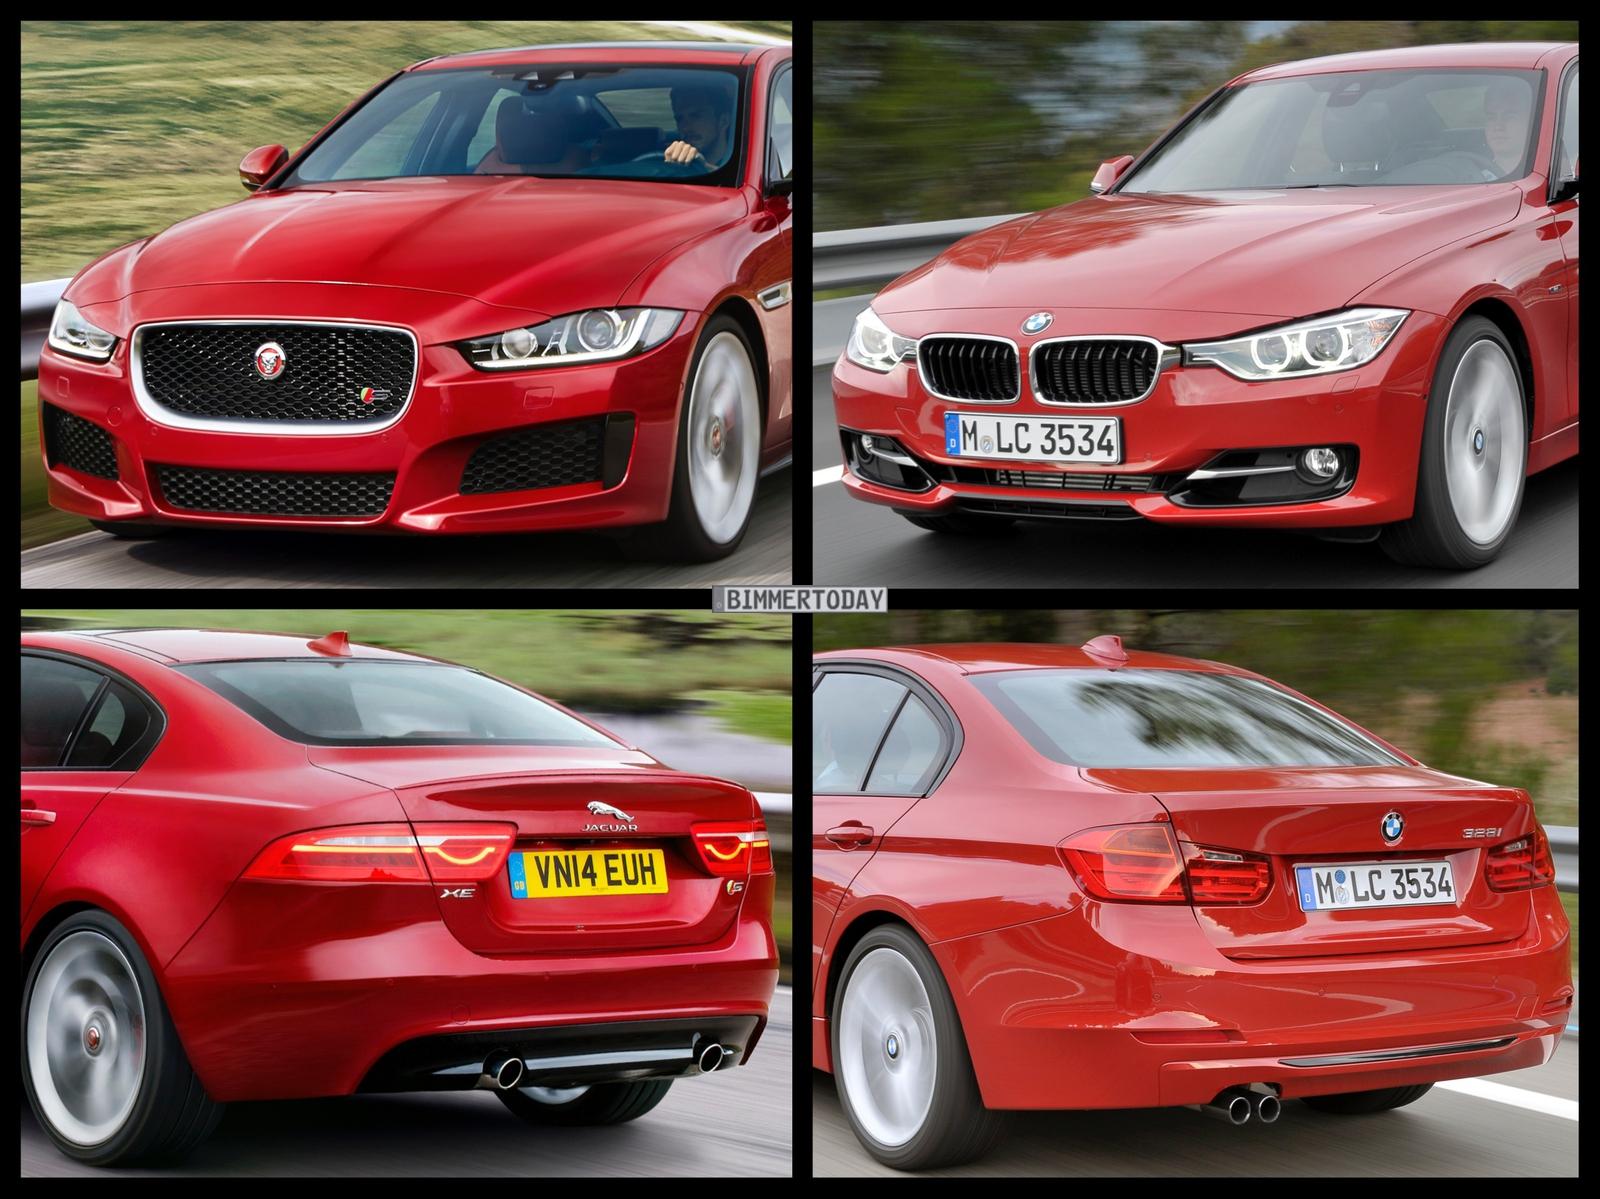 Jaguar Xe Vs Bmw 3 Series Photo Comparison